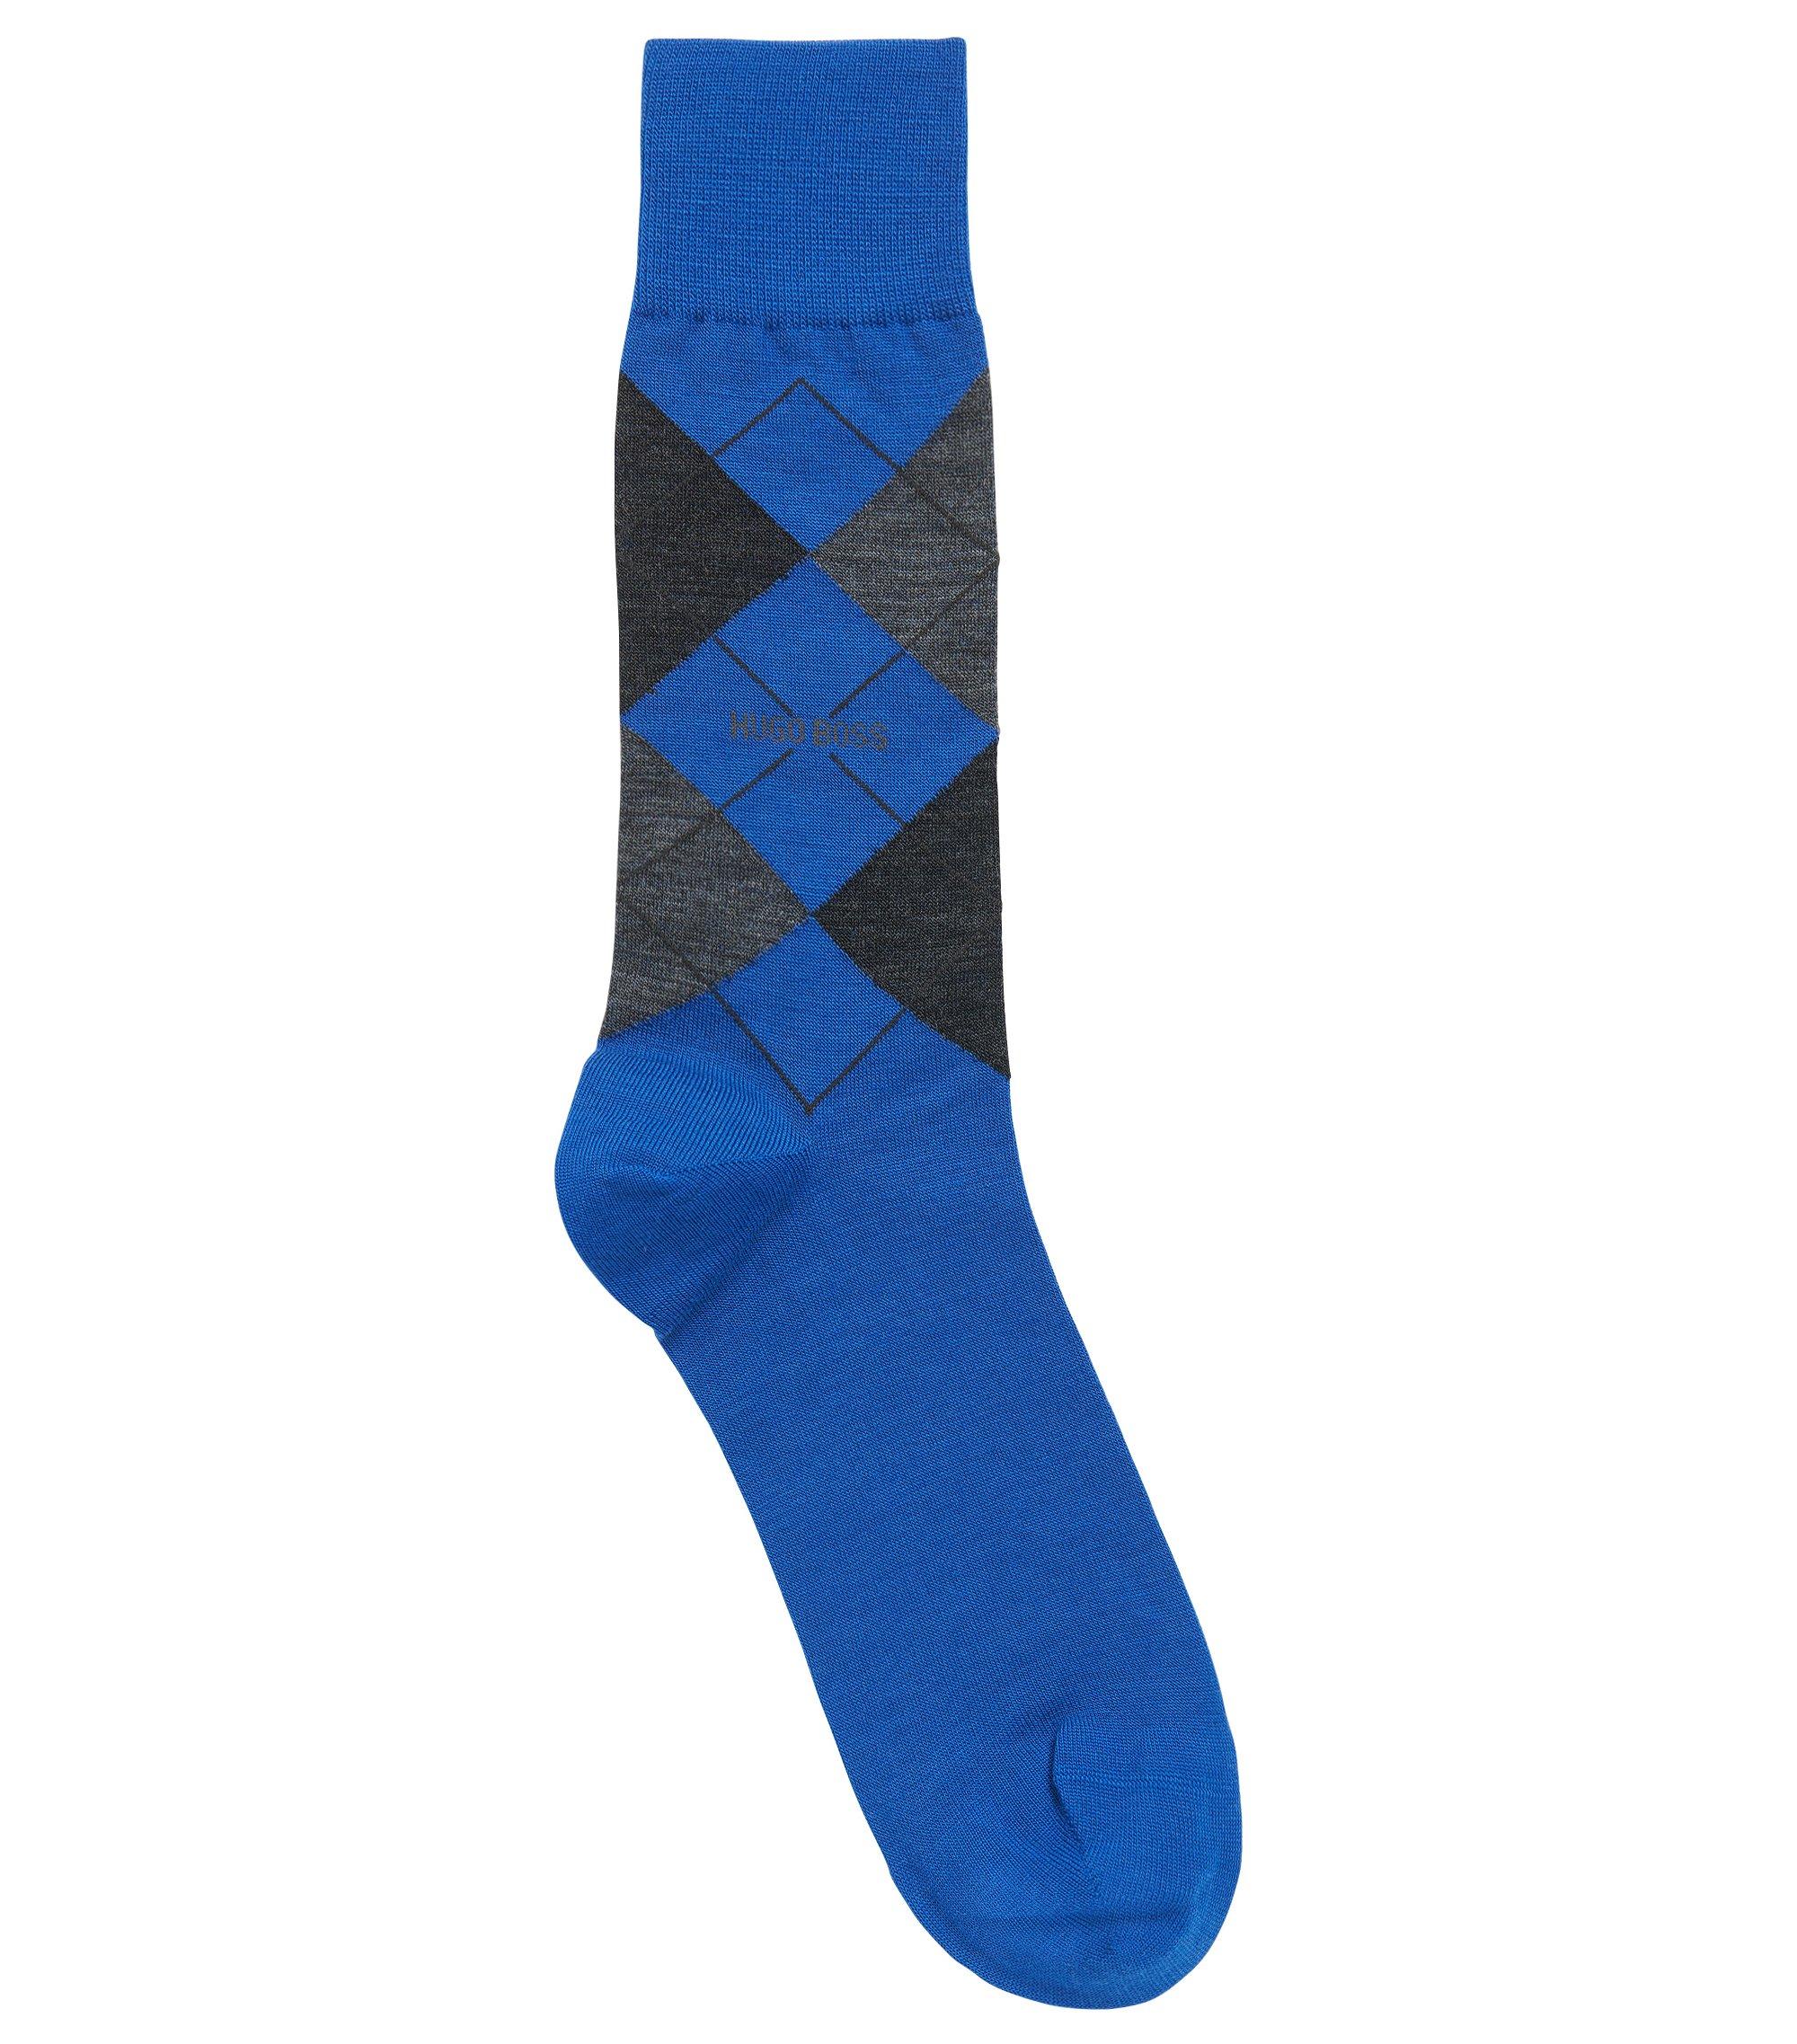 Mittelhohe Socken aus Temperatur regulierendem Woll-Mix mit Baumwolle, Blau